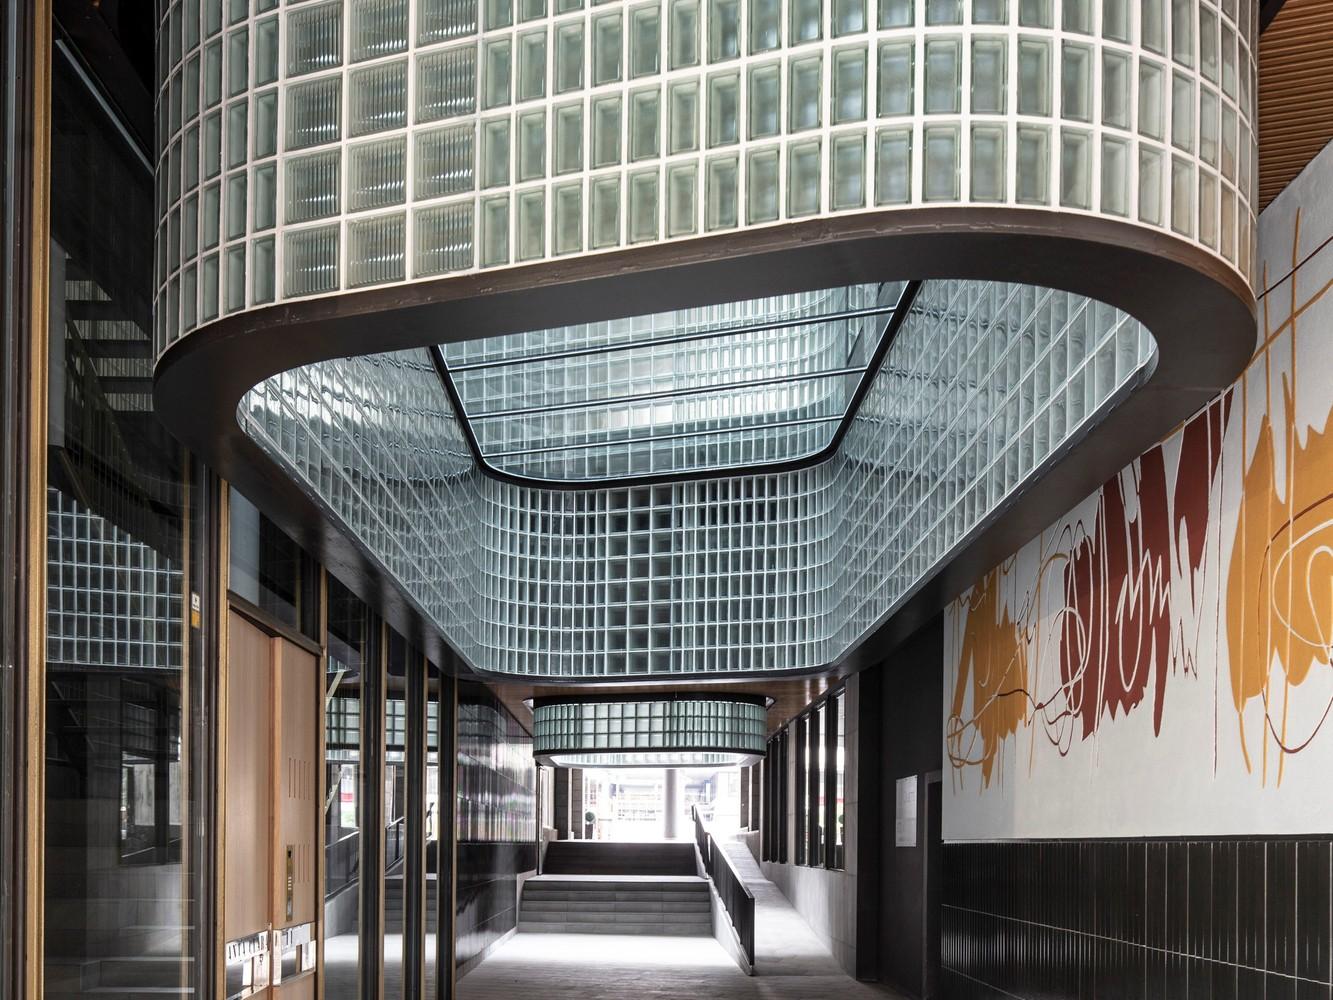 Các xu hướng kiến trúc mới mẻ và nổi bật trên thế giới - Ảnh 17.